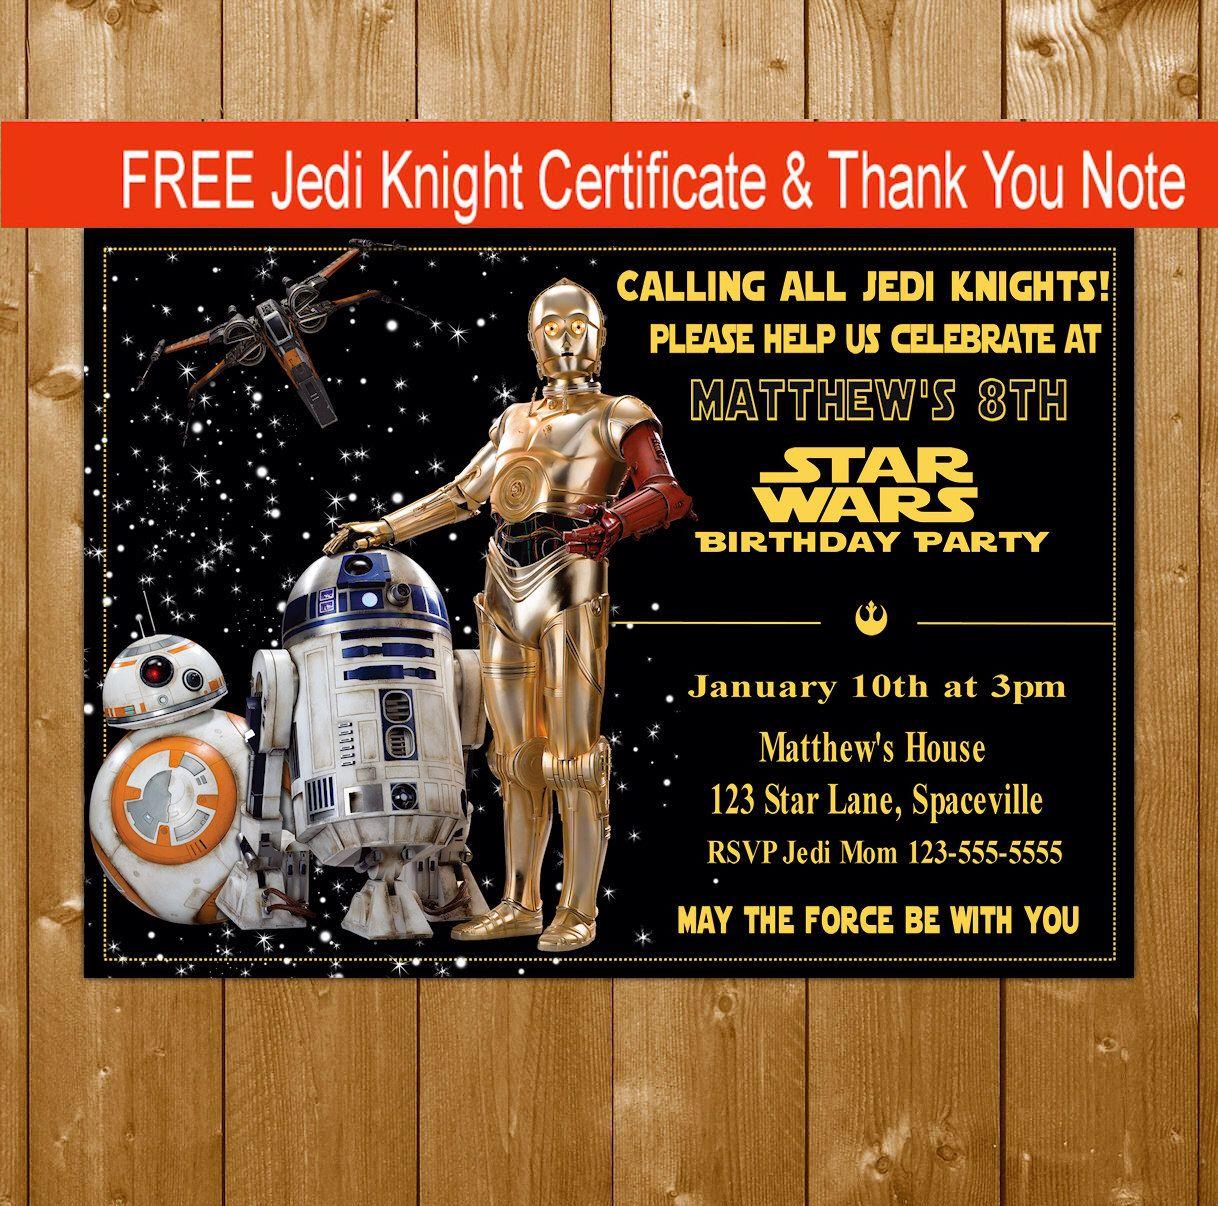 Star wars party invitation star wars droids bb8 r2d2 c3po star wars party invitation star wars droids bb8 r2d2 c3po invitation alramifo Images